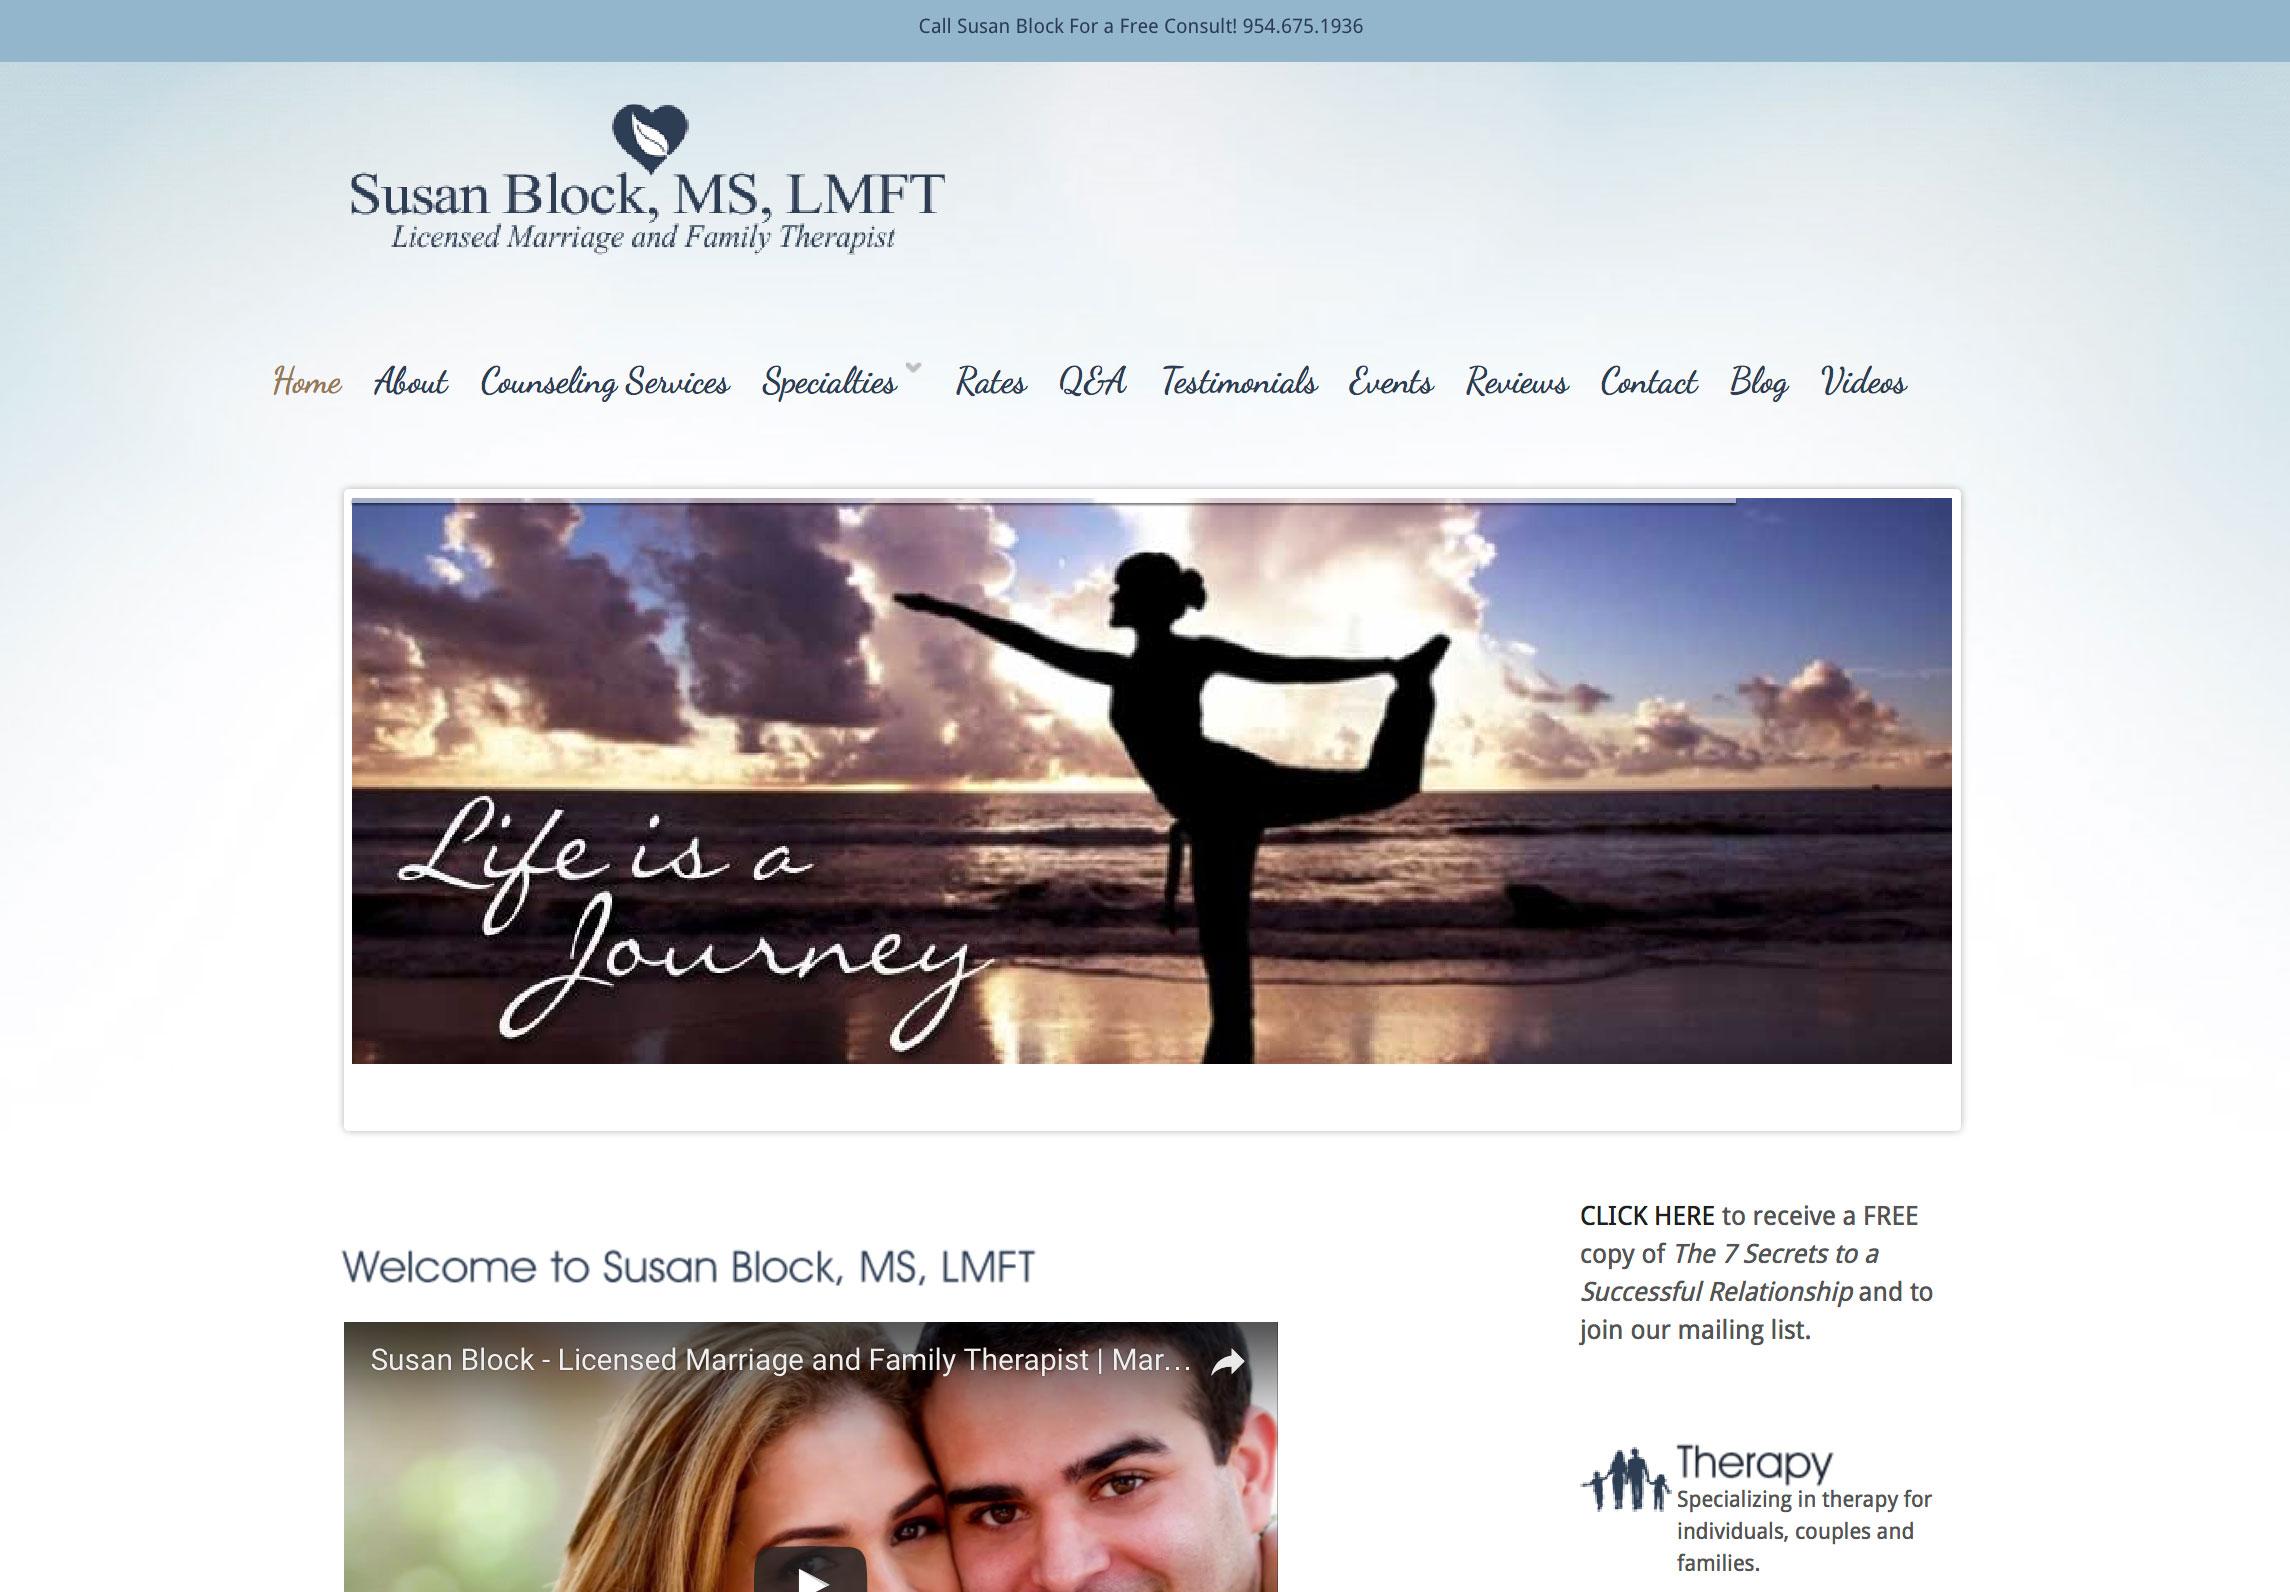 Susan Block LMFT